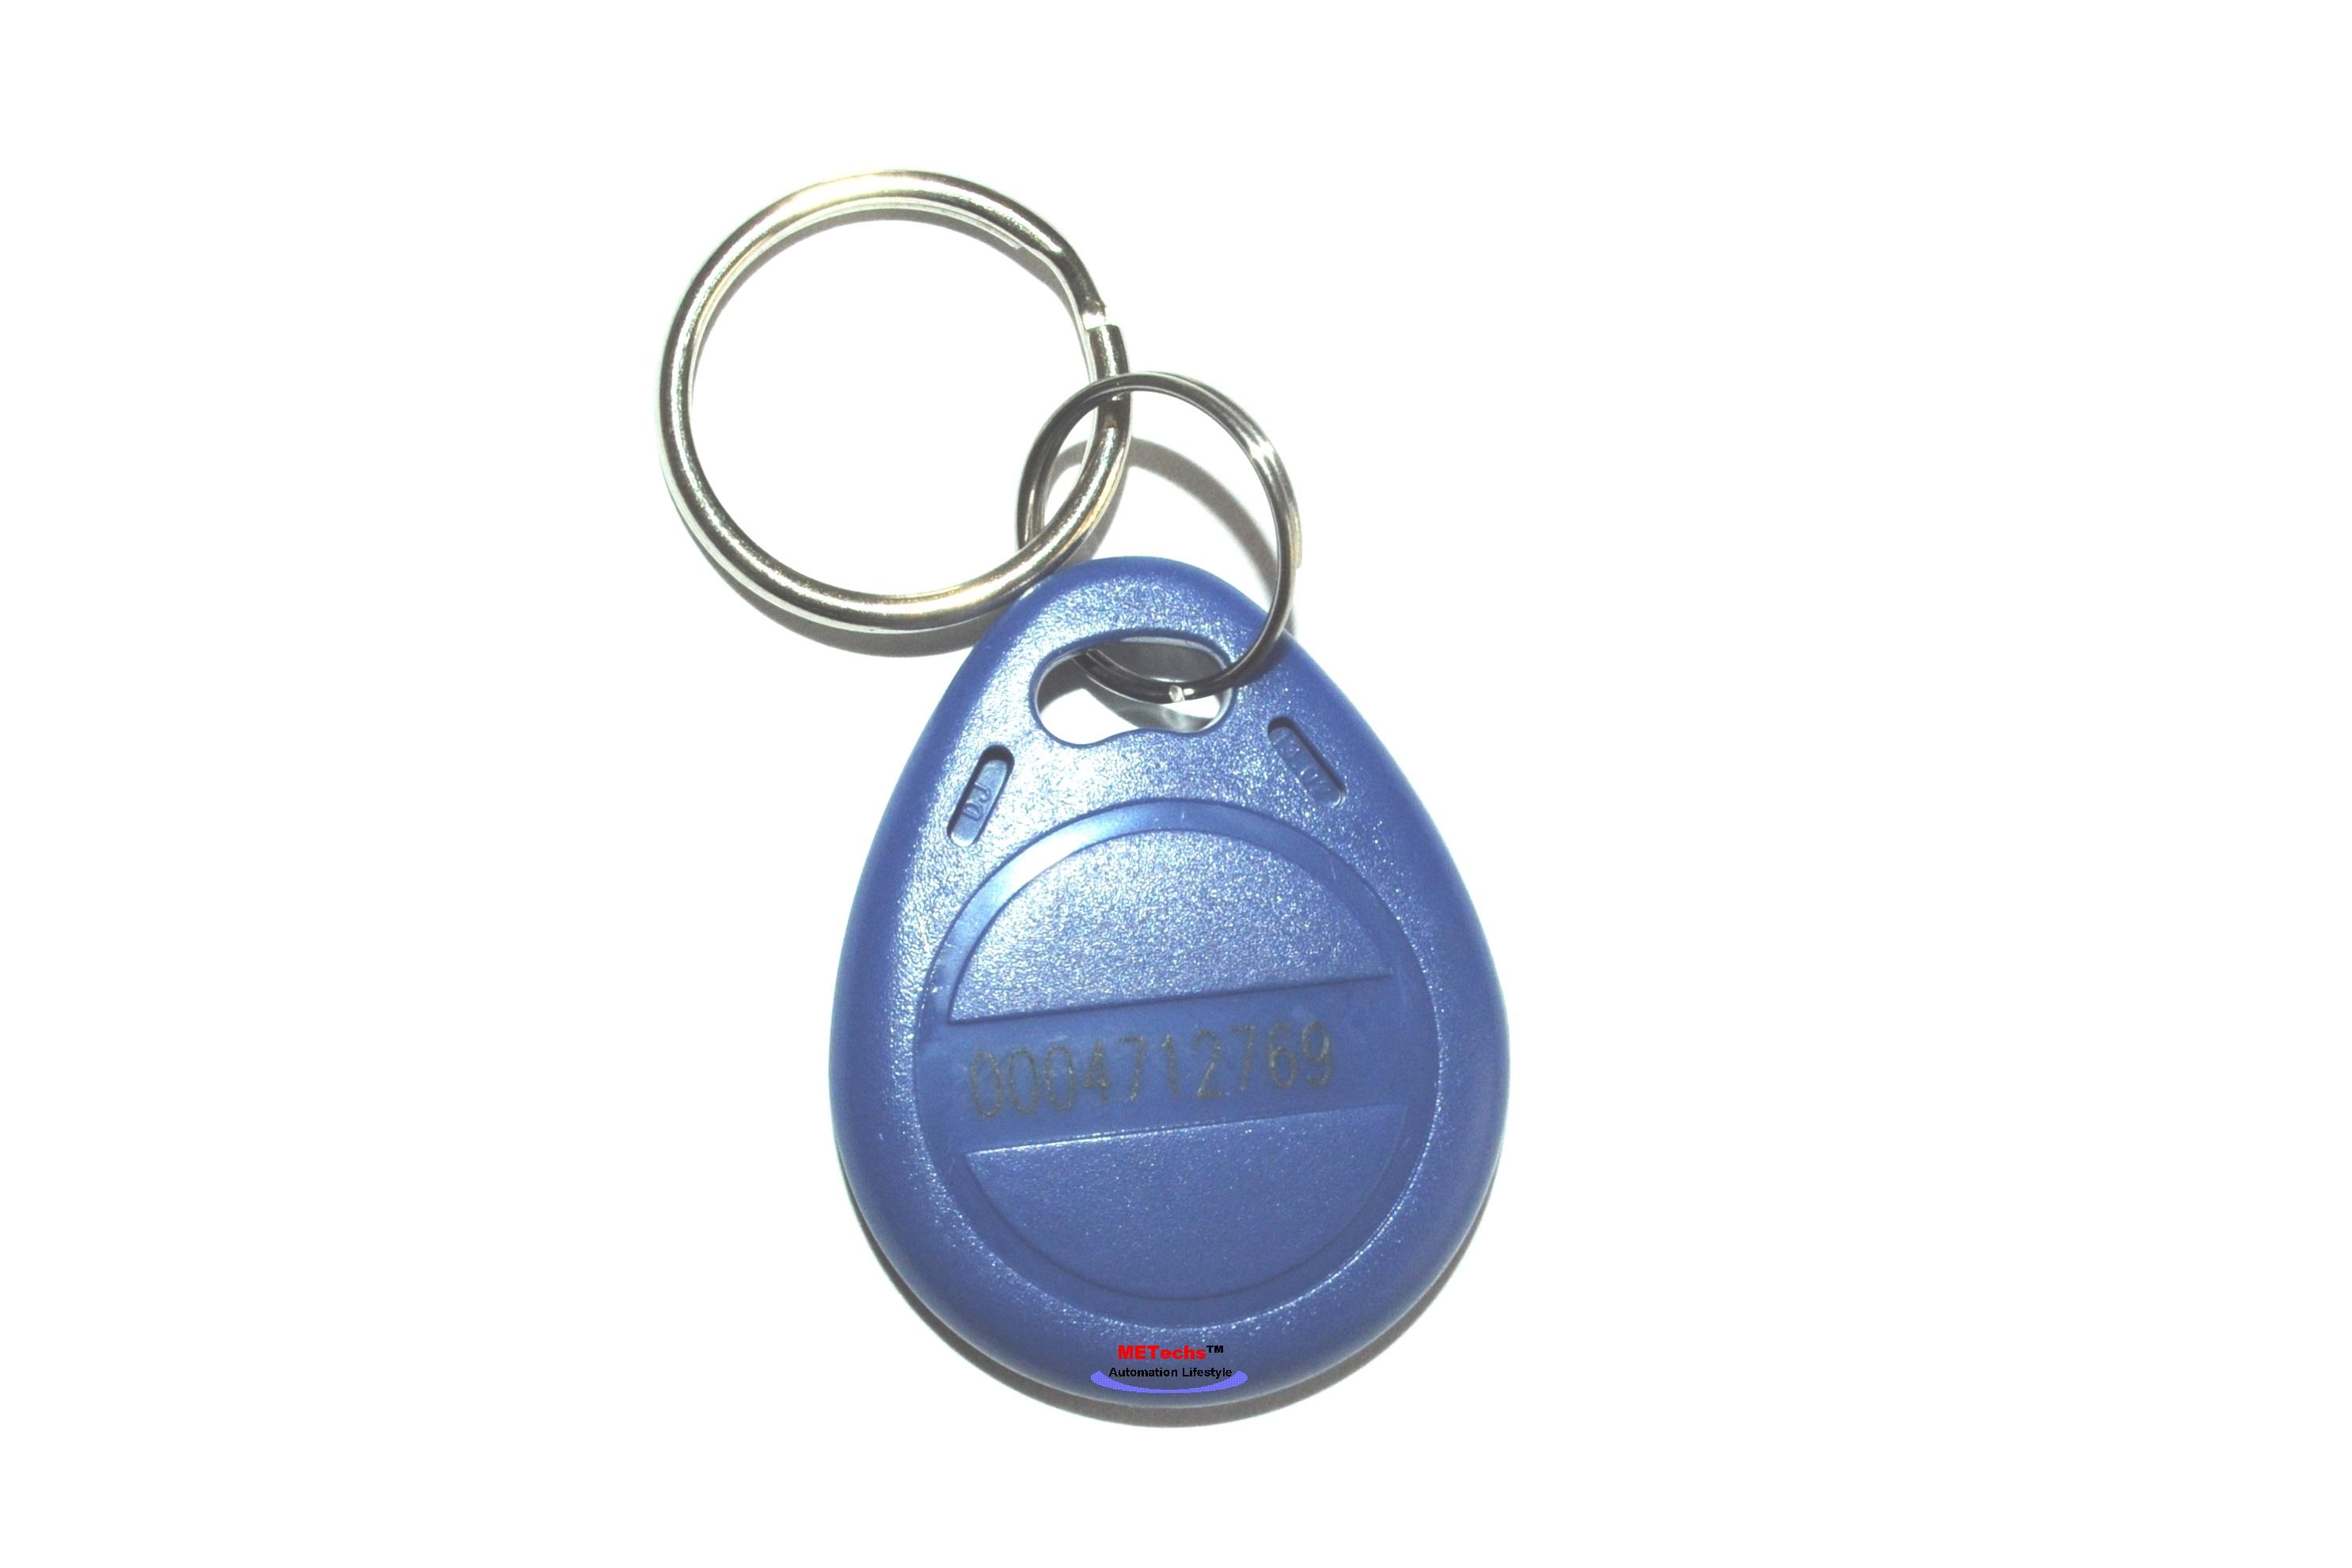 Badge Access Door : Rfid lock fob or badge for keyless door locks keyfob